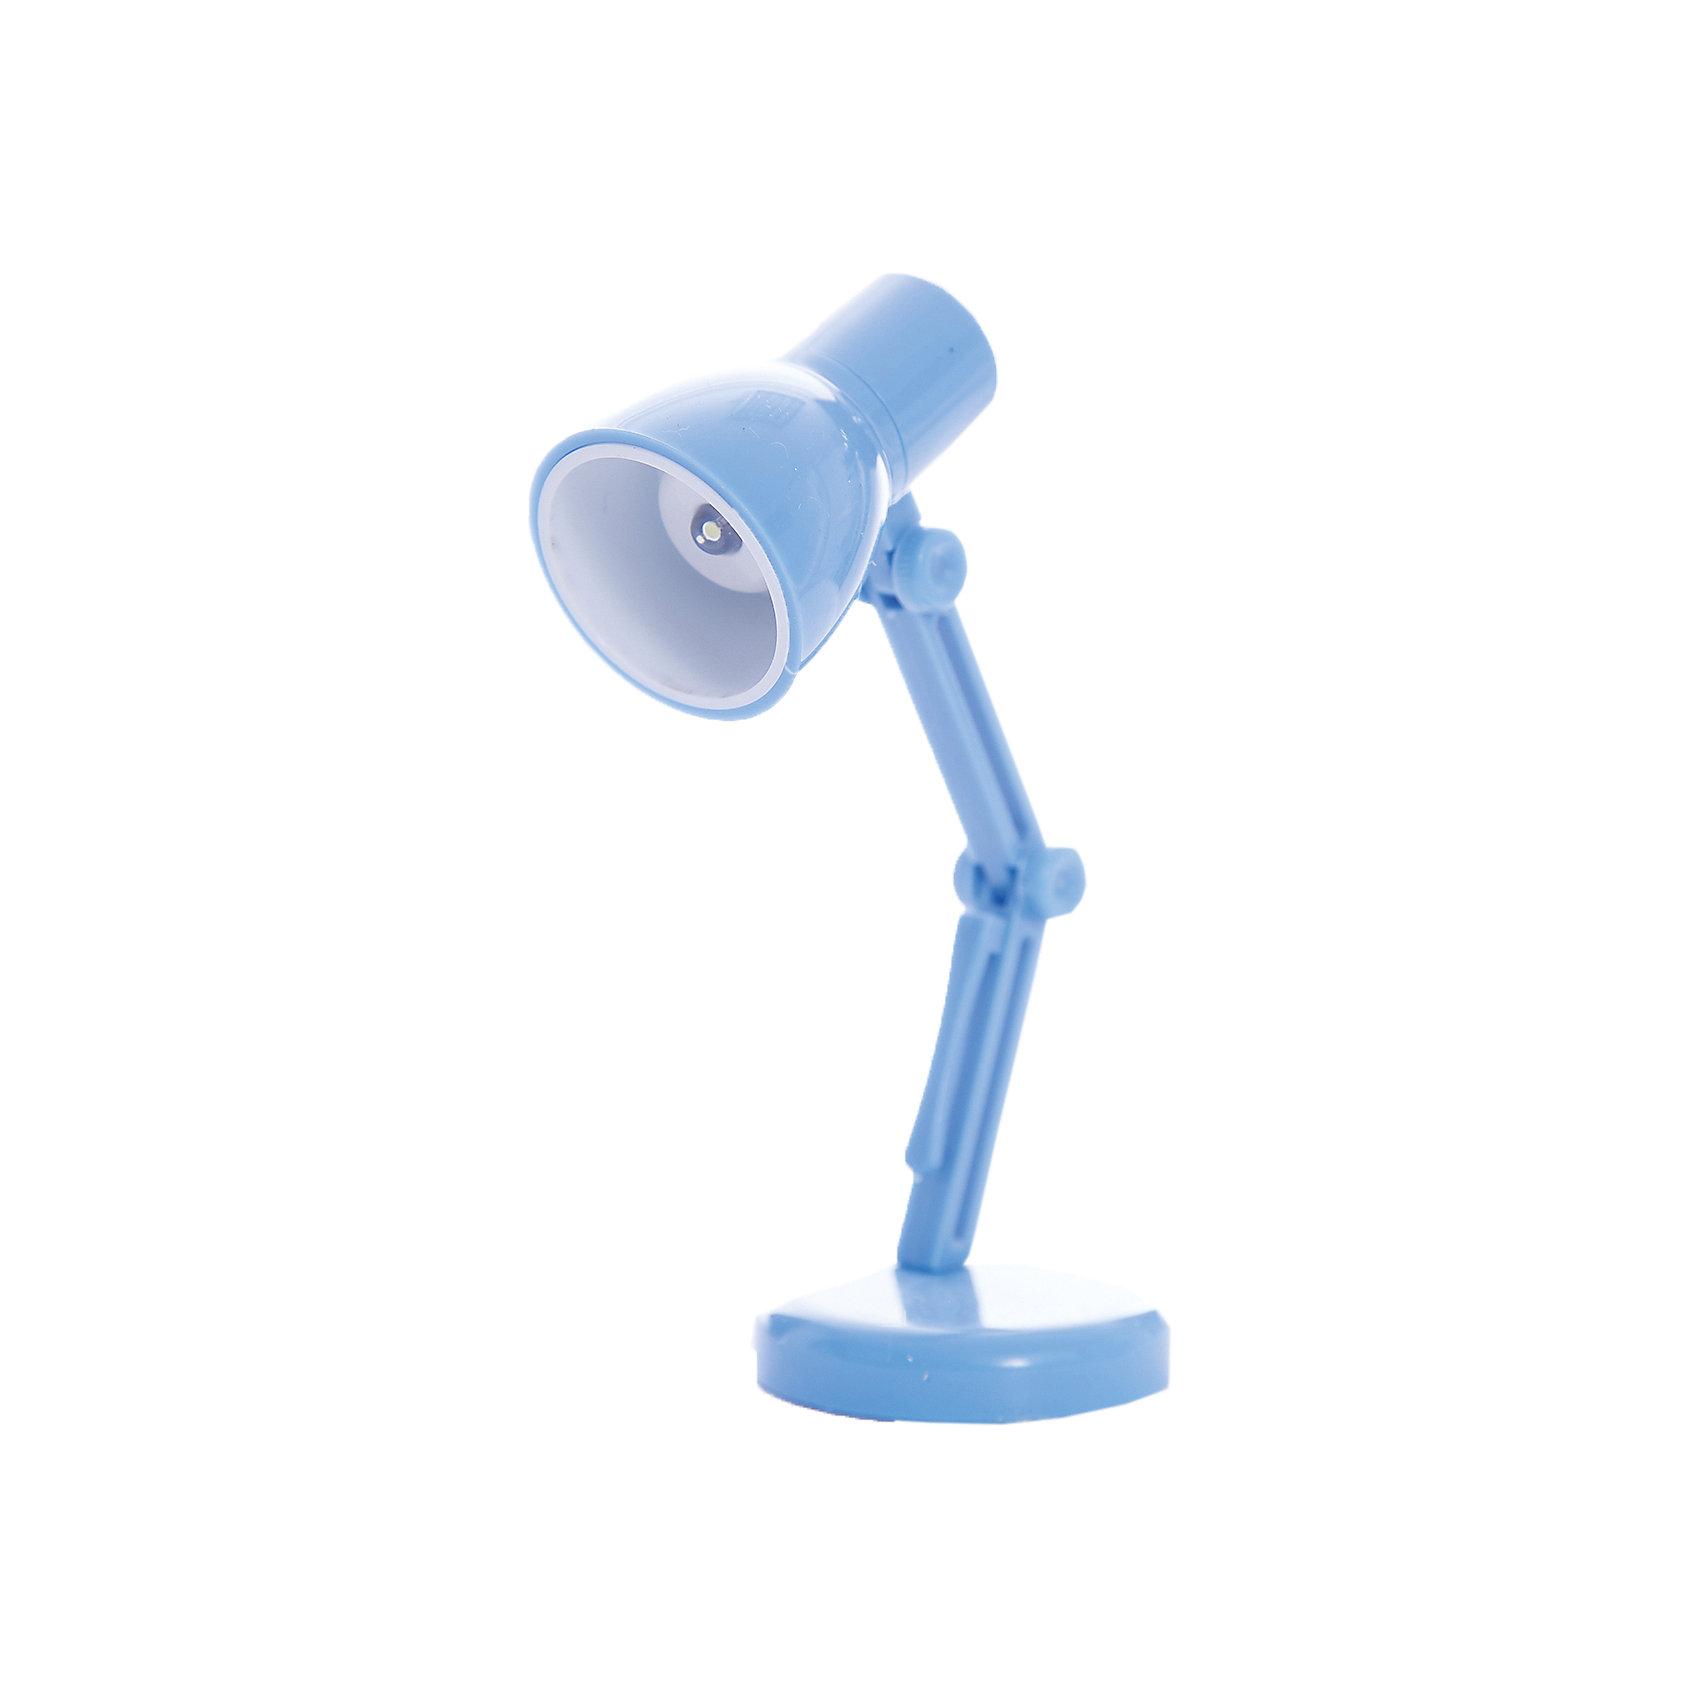 Фонарь портативный Минилампа голубая электрический со светодиодной лампой, Феникс-ПрезентЛампы, ночники, фонарики<br>Фонарь портативный Минилампа голубая электрический со светодиодной лампой, Феникс-Презент<br><br>Характеристики:<br><br>• компактный фонарик со светодиодной лампой<br>• размер: 12х4,6 см<br>• корпус из АБС пластика<br>• светодиодная лампа DIA 5 мм<br>• питание: батарейка AG 10 - 3 шт.<br>• цвет: голубой<br><br>С портативным фонариком Минилампа голубая вы сможете найти потерянные предметы или даже почитать в темноте. Компактный размер позволяет брать фонарик с собой. При этом светодиодные лампы обладают достаточной мощностью для полноценного освещения. Корпус изделия изготовлен из ударопрочного пластика. Фонарик выполнен в виде лампы.<br><br>Фонарь портативный Минилампа голубая электрический со светодиодной лампой, Феникс-Презент можно купить в нашем интернет-магазине.<br><br>Ширина мм: 50<br>Глубина мм: 60<br>Высота мм: 120<br>Вес г: 56<br>Возраст от месяцев: 36<br>Возраст до месяцев: 2147483647<br>Пол: Унисекс<br>Возраст: Детский<br>SKU: 5449685